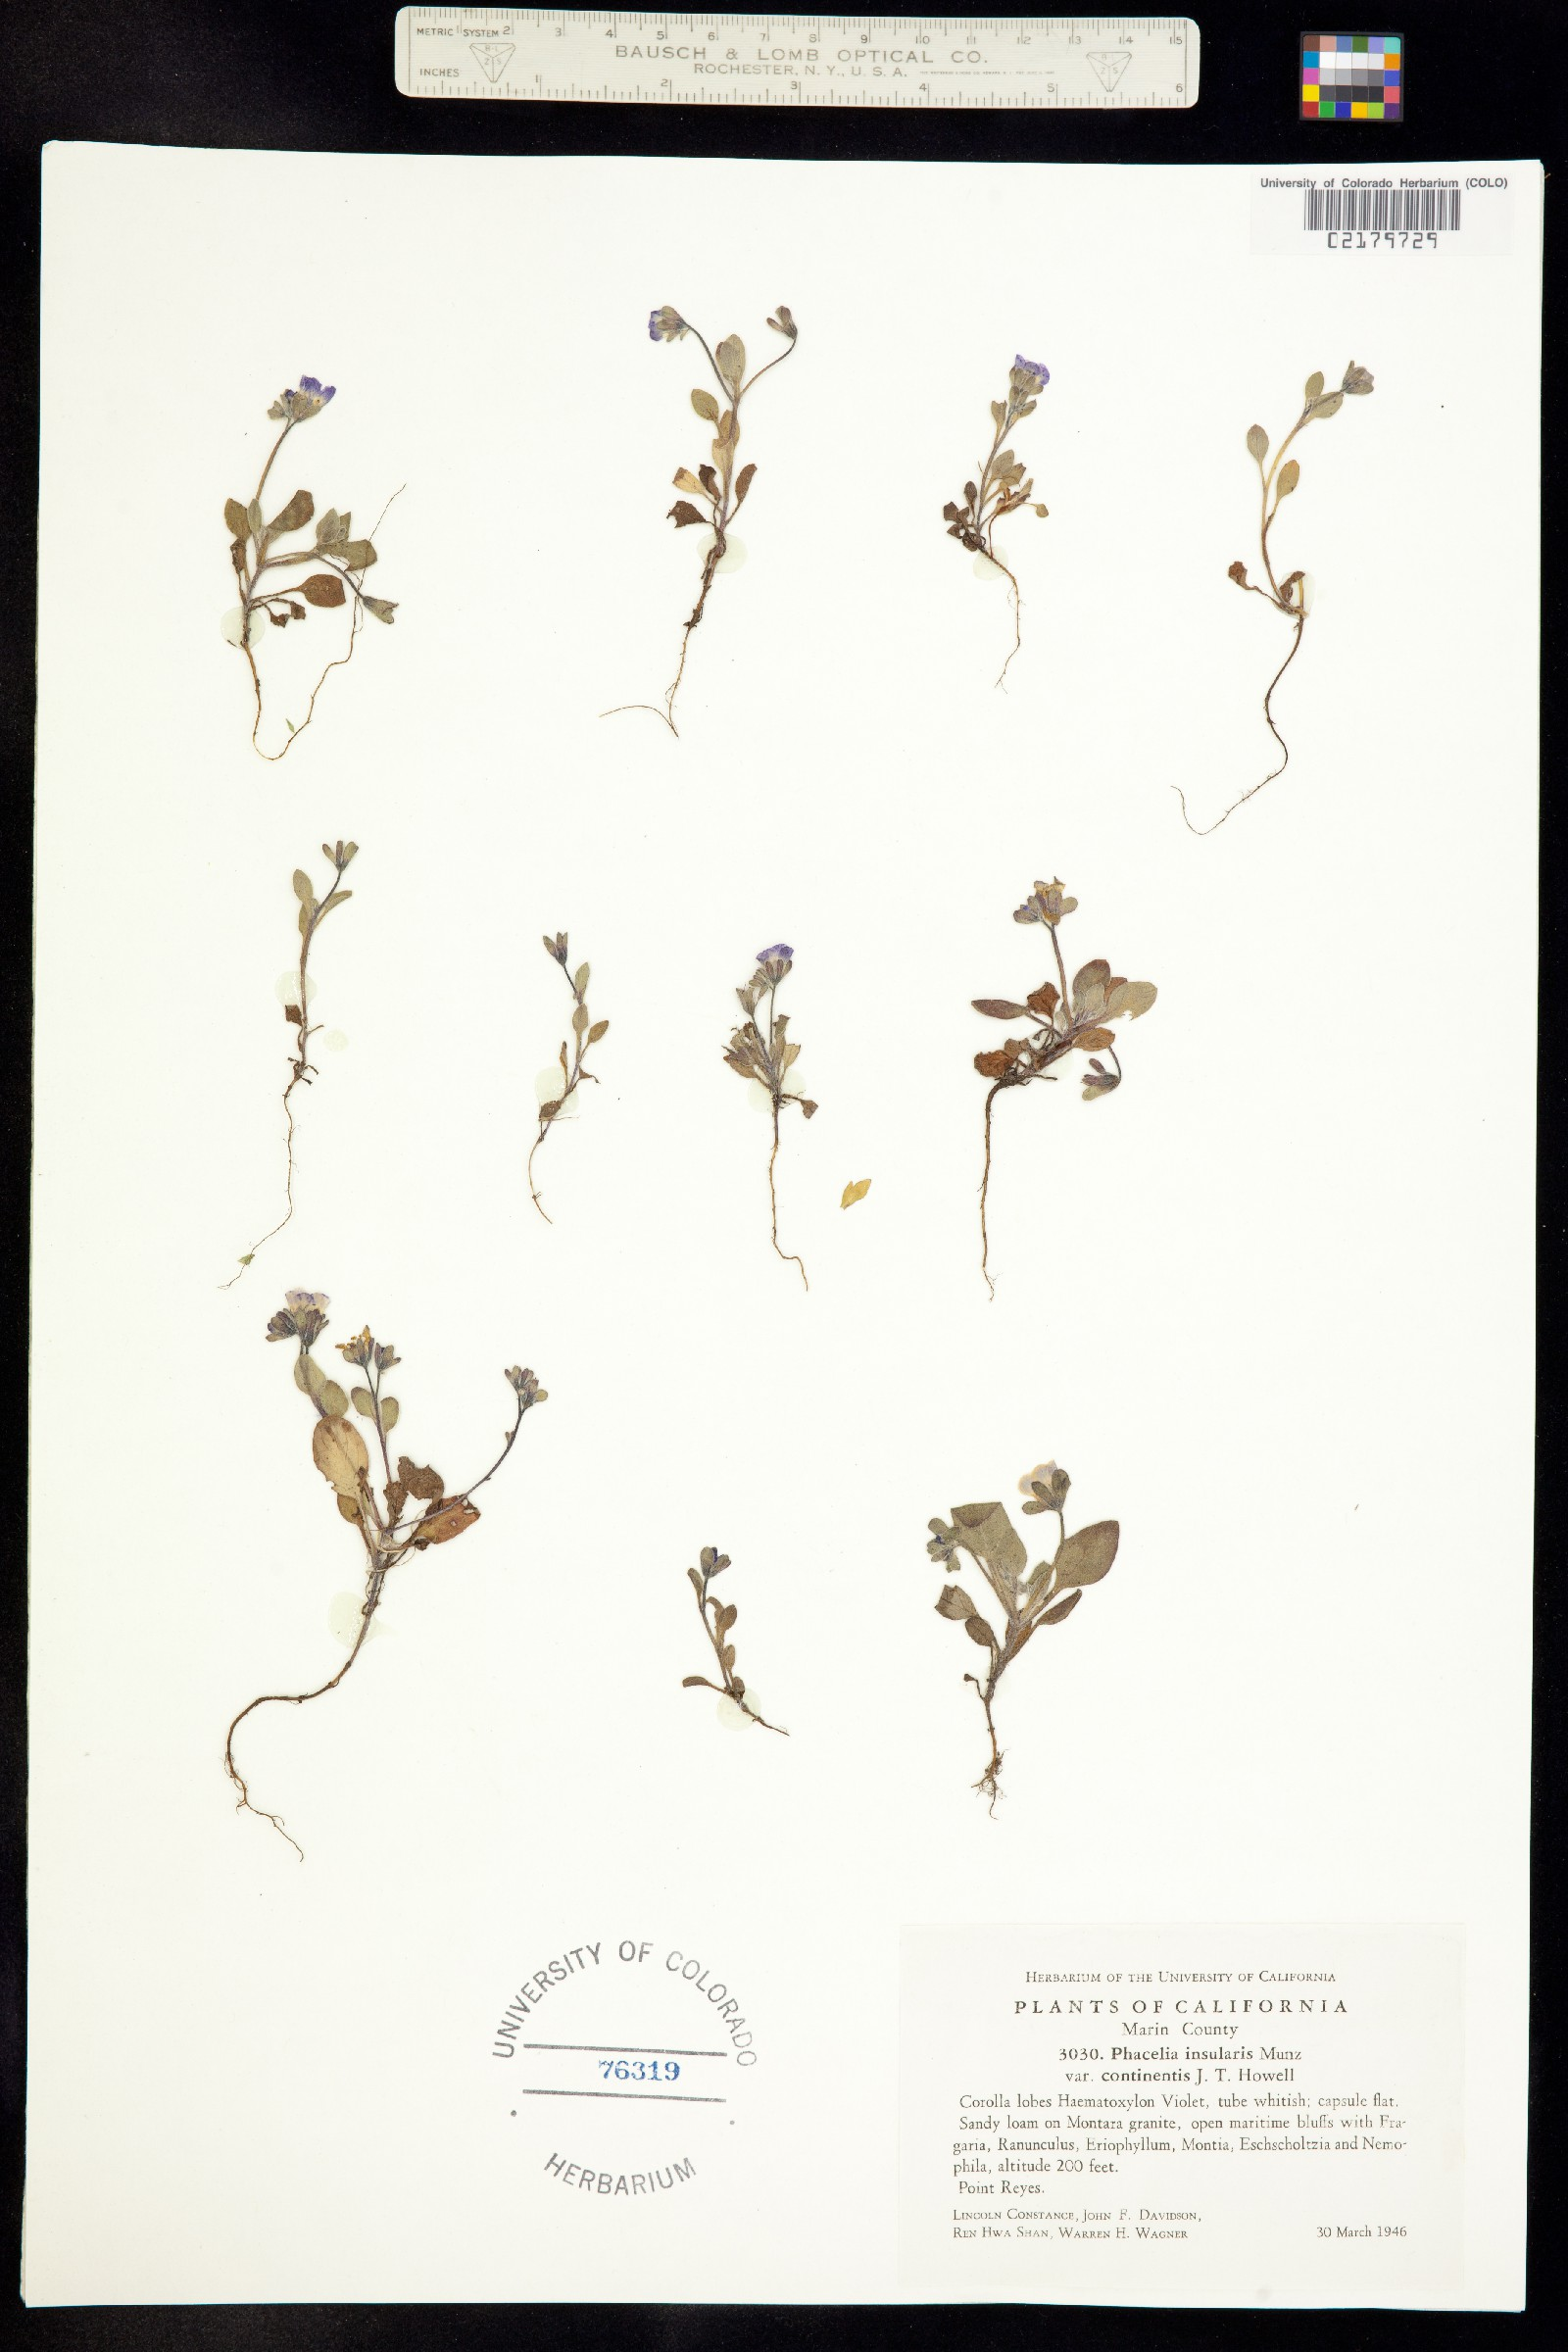 Phacelia insularis var. continentis image